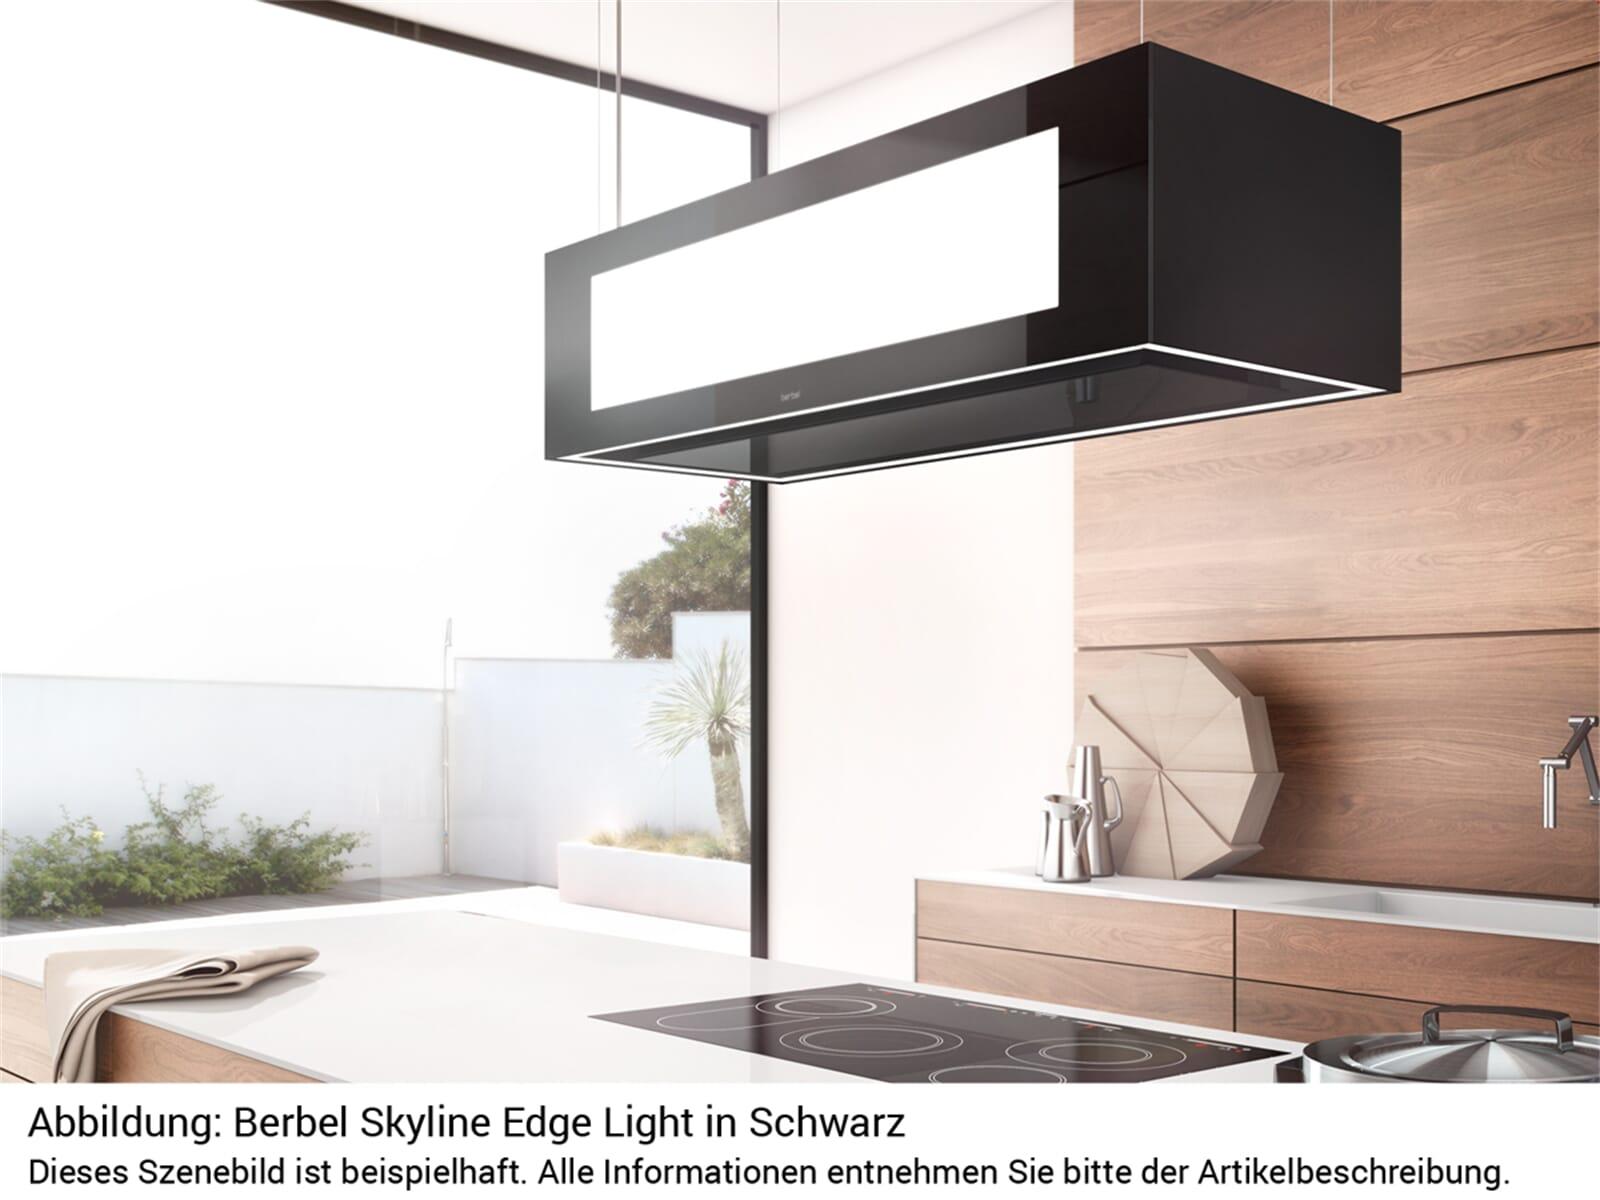 Berbel Skyline Edge Light Set BDL 115 SKE-L Deckenlifthaube Schwarz + BDL 115 SG Deckenanschluss Schwarz